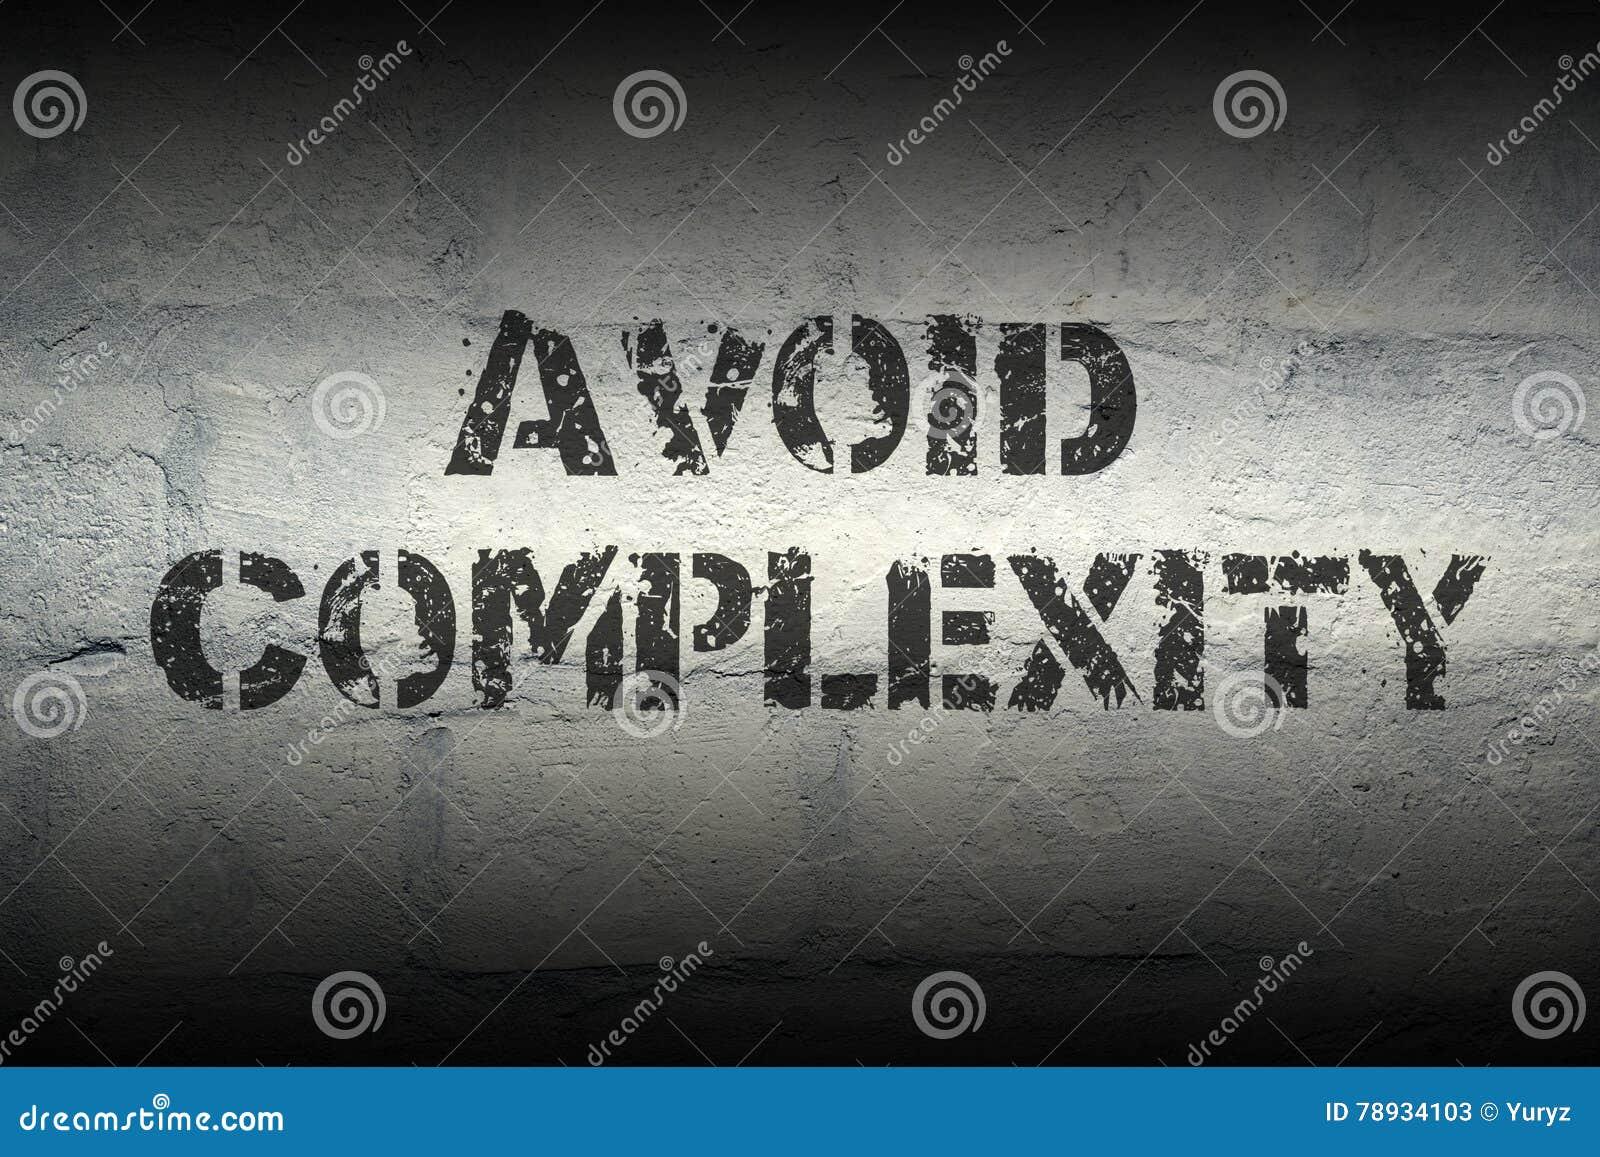 Avoid complexity GR